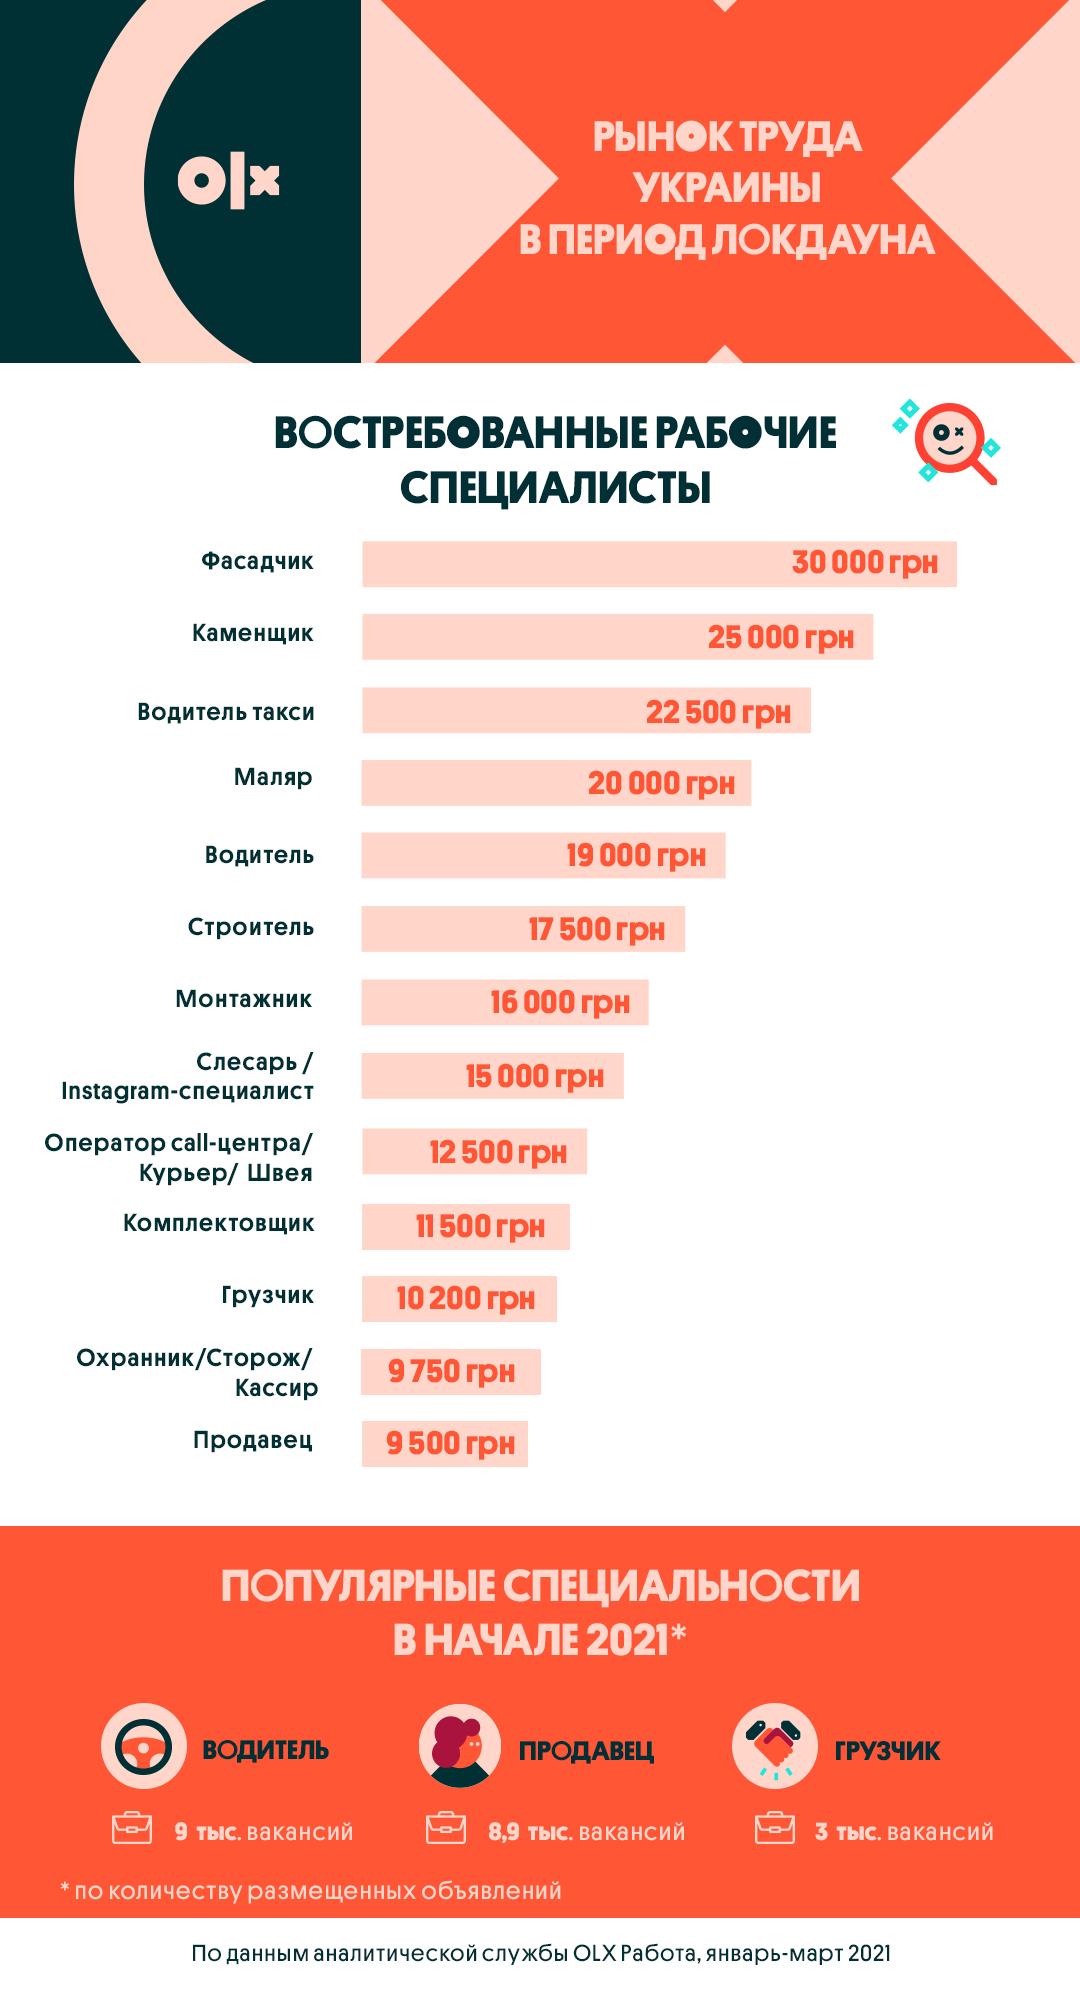 Що буде з зарплатами й роботою в Україні після локдауну: аналітики озвучили прогноз